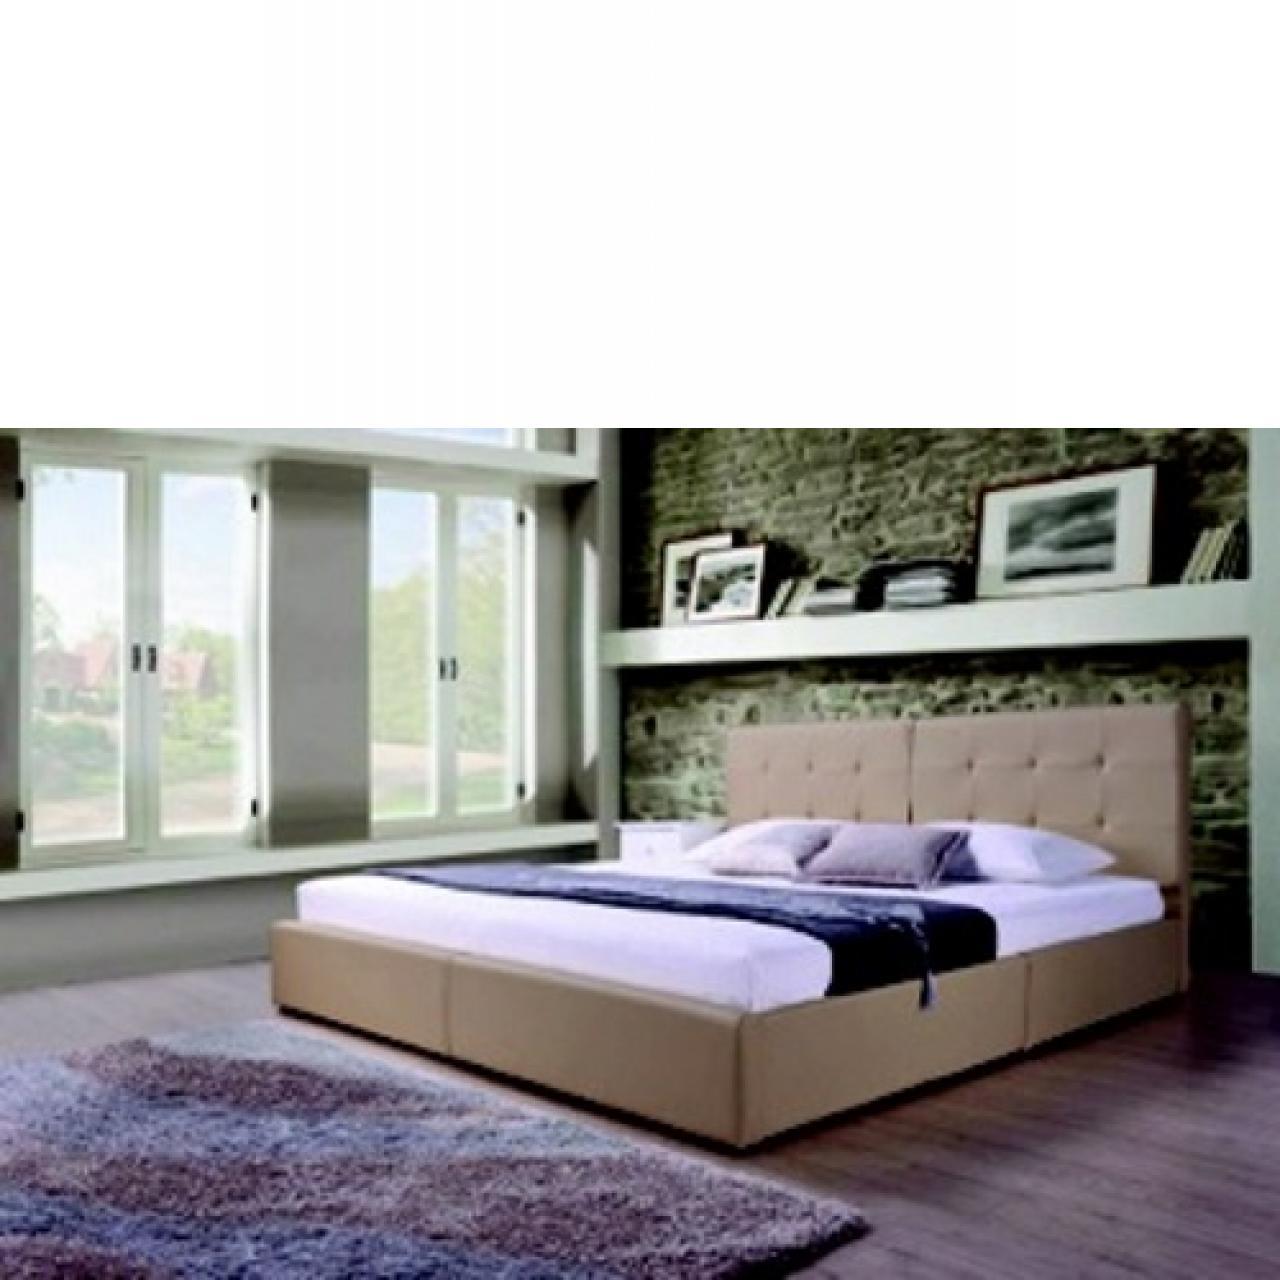 Möbel Jähnichen Schlafzimmer | Brotschrank Yoga 6530 Massivholzmöbel ...